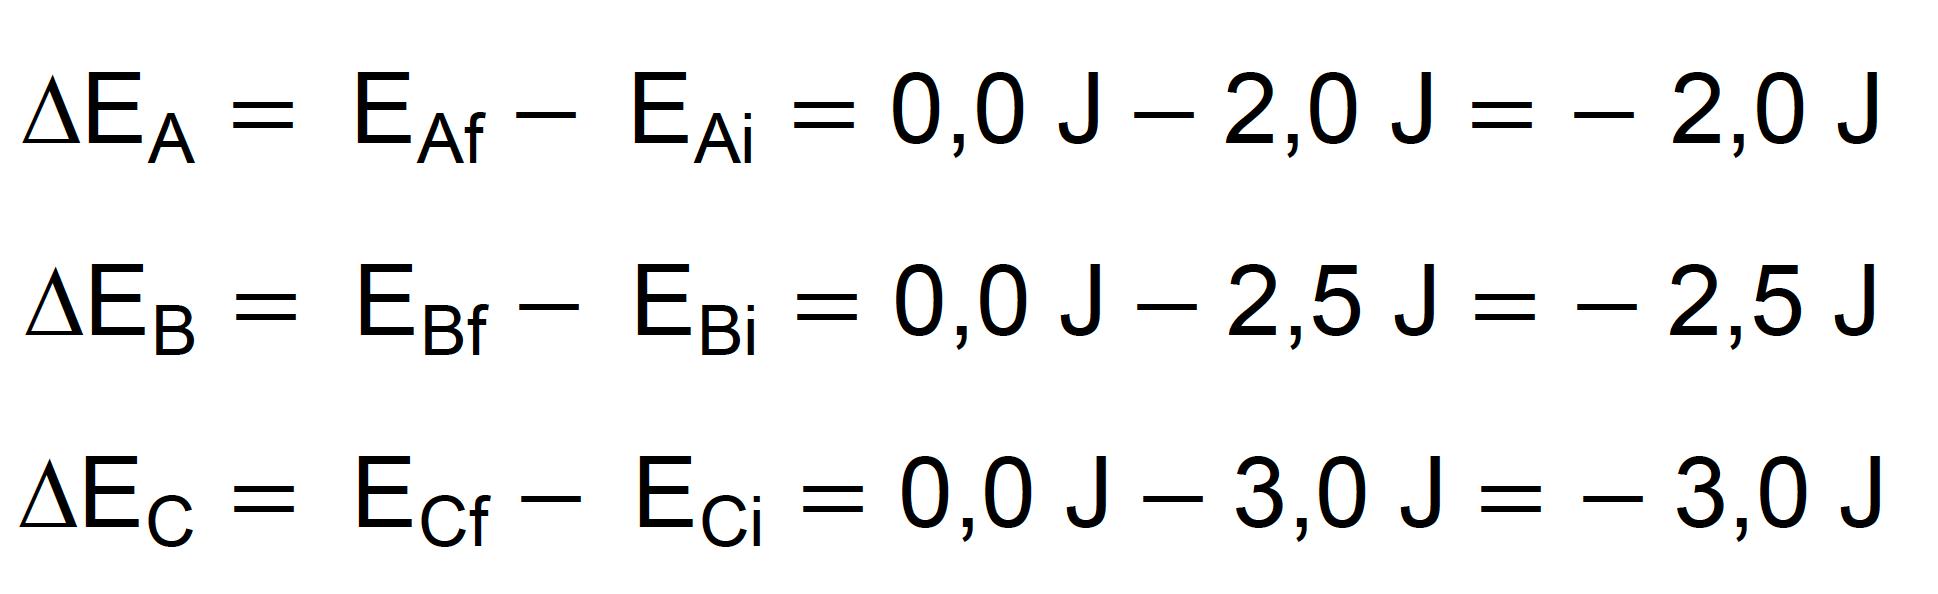 Cálculo da variação de energia potencial quando as maçãs caem no chão